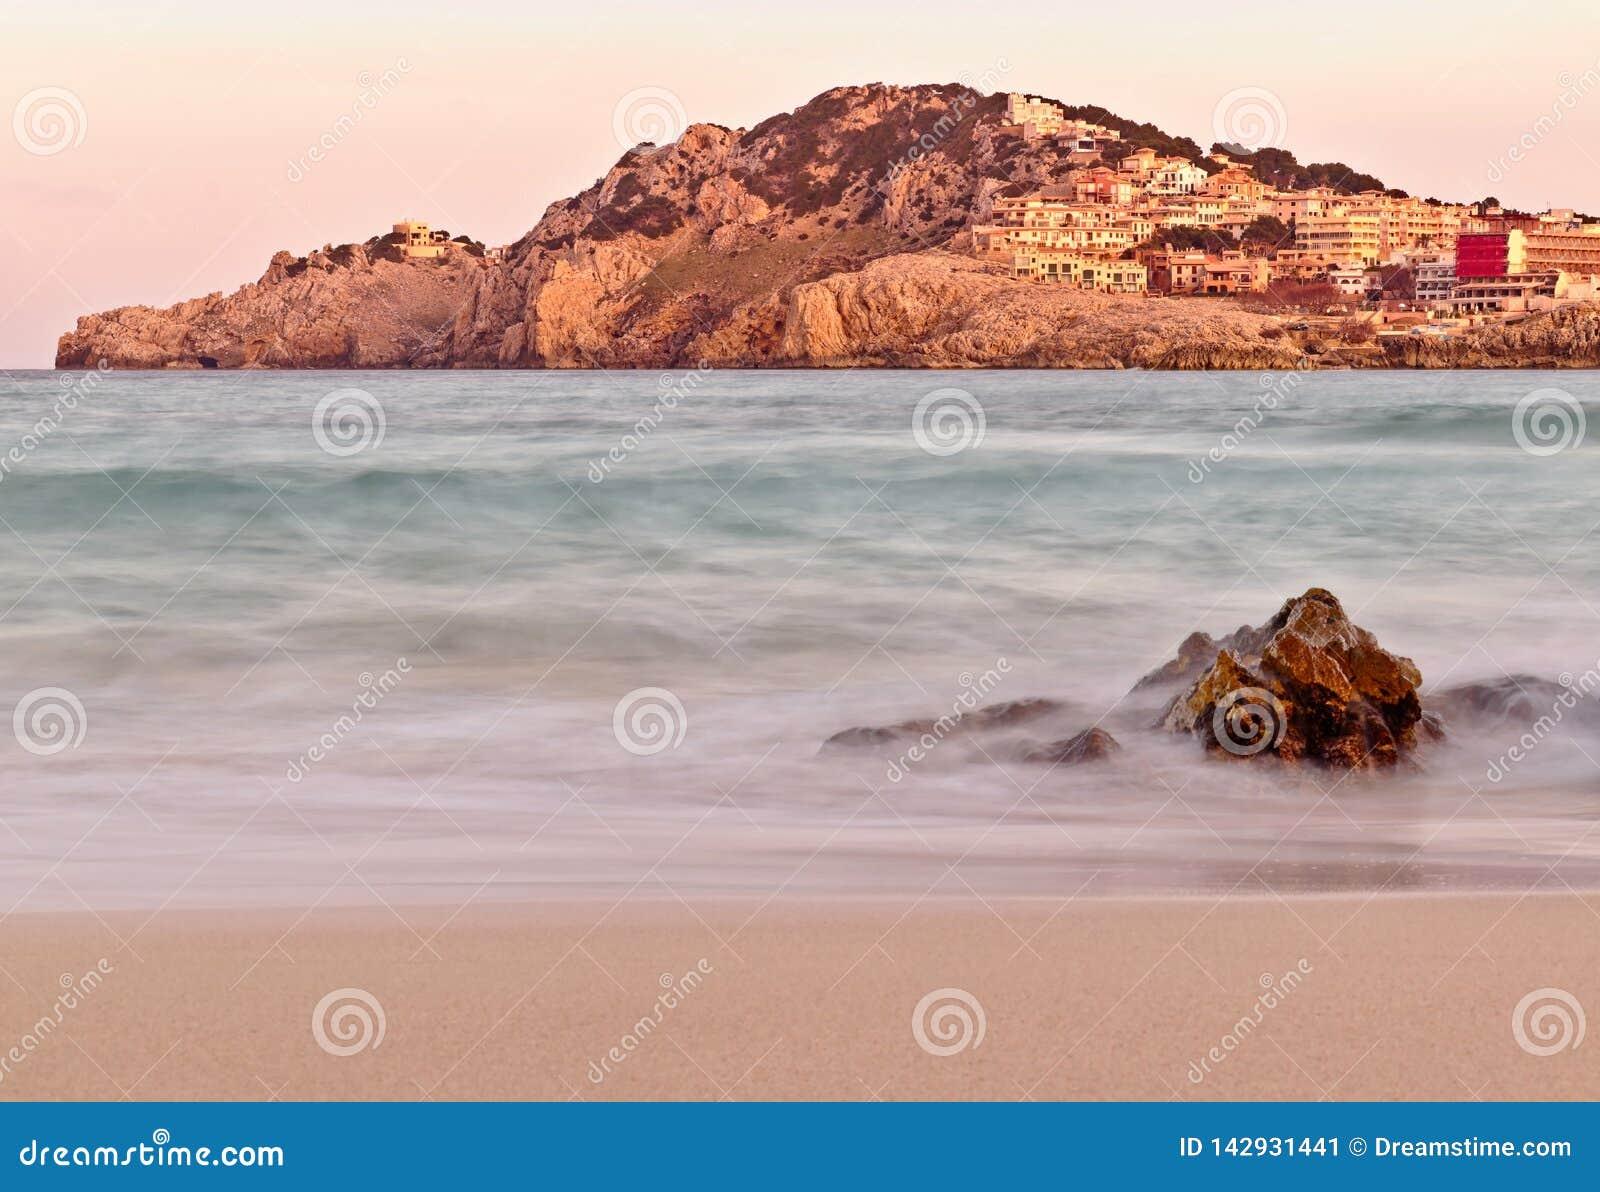 Plage de Cala Agulla au coucher du soleil, avec la colline et la ville plus le premier plan rocheux, Majorque, Espagne